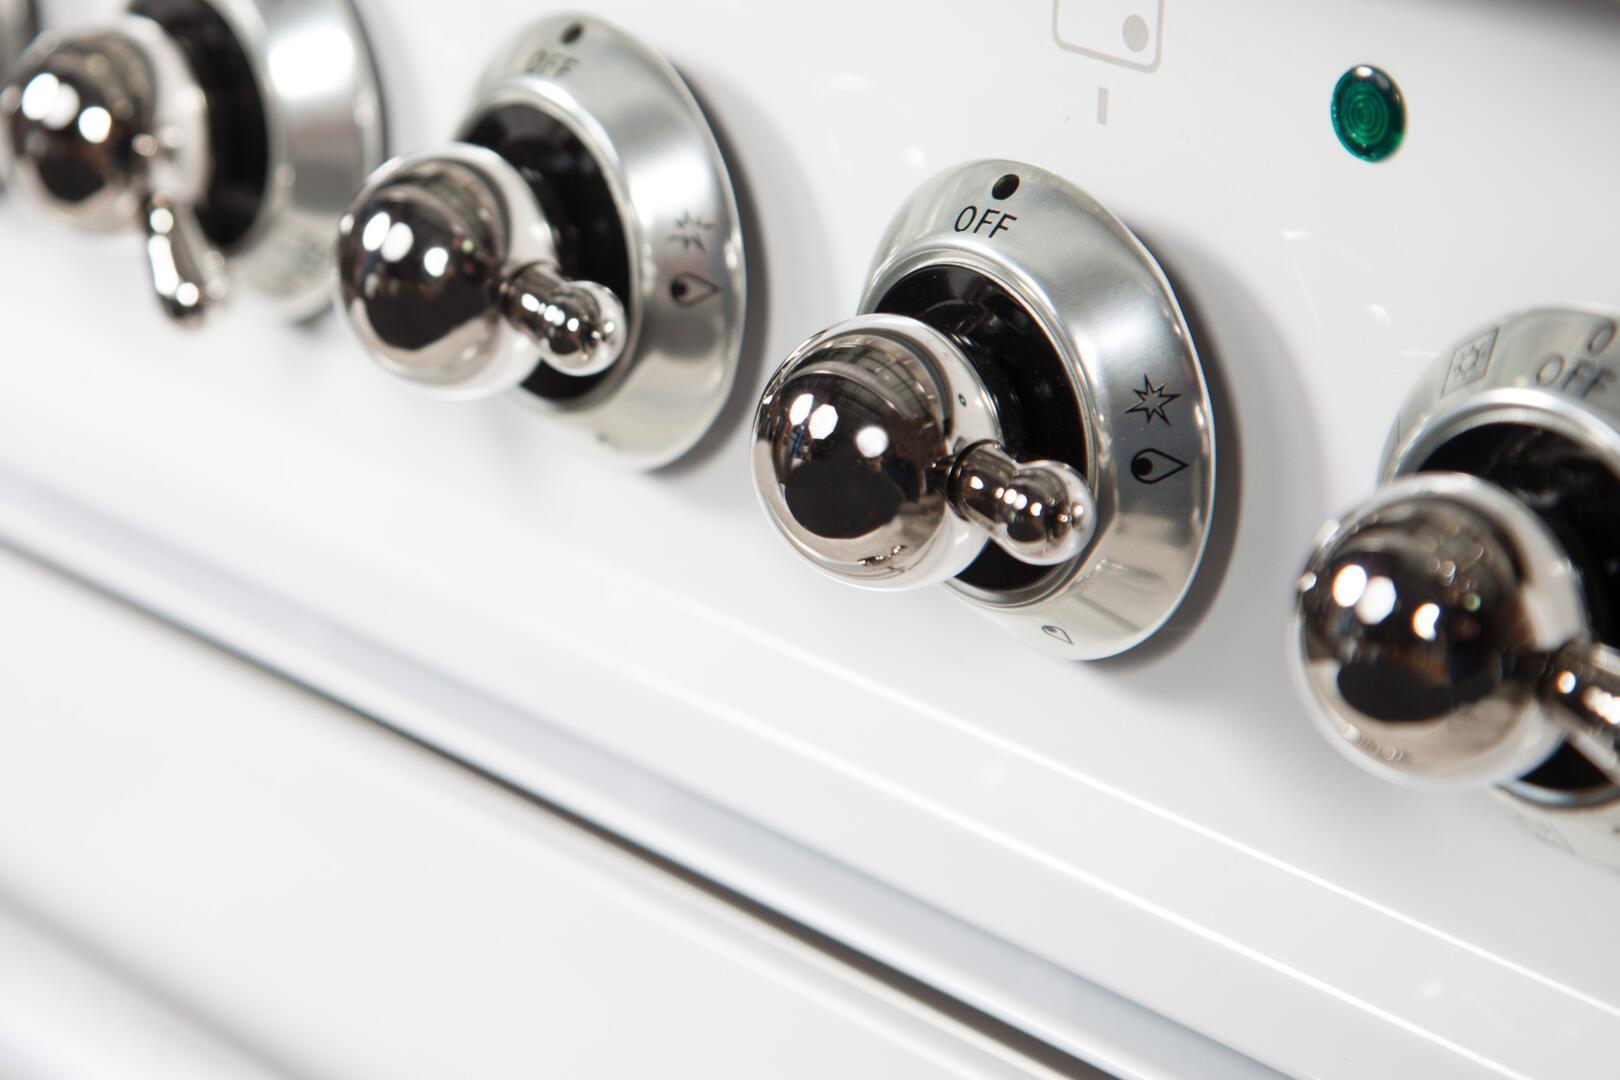 Ilve Nostalgie UPN120FDMPBX Freestanding Dual Fuel Range White, UPN120FDMPBX Details 3